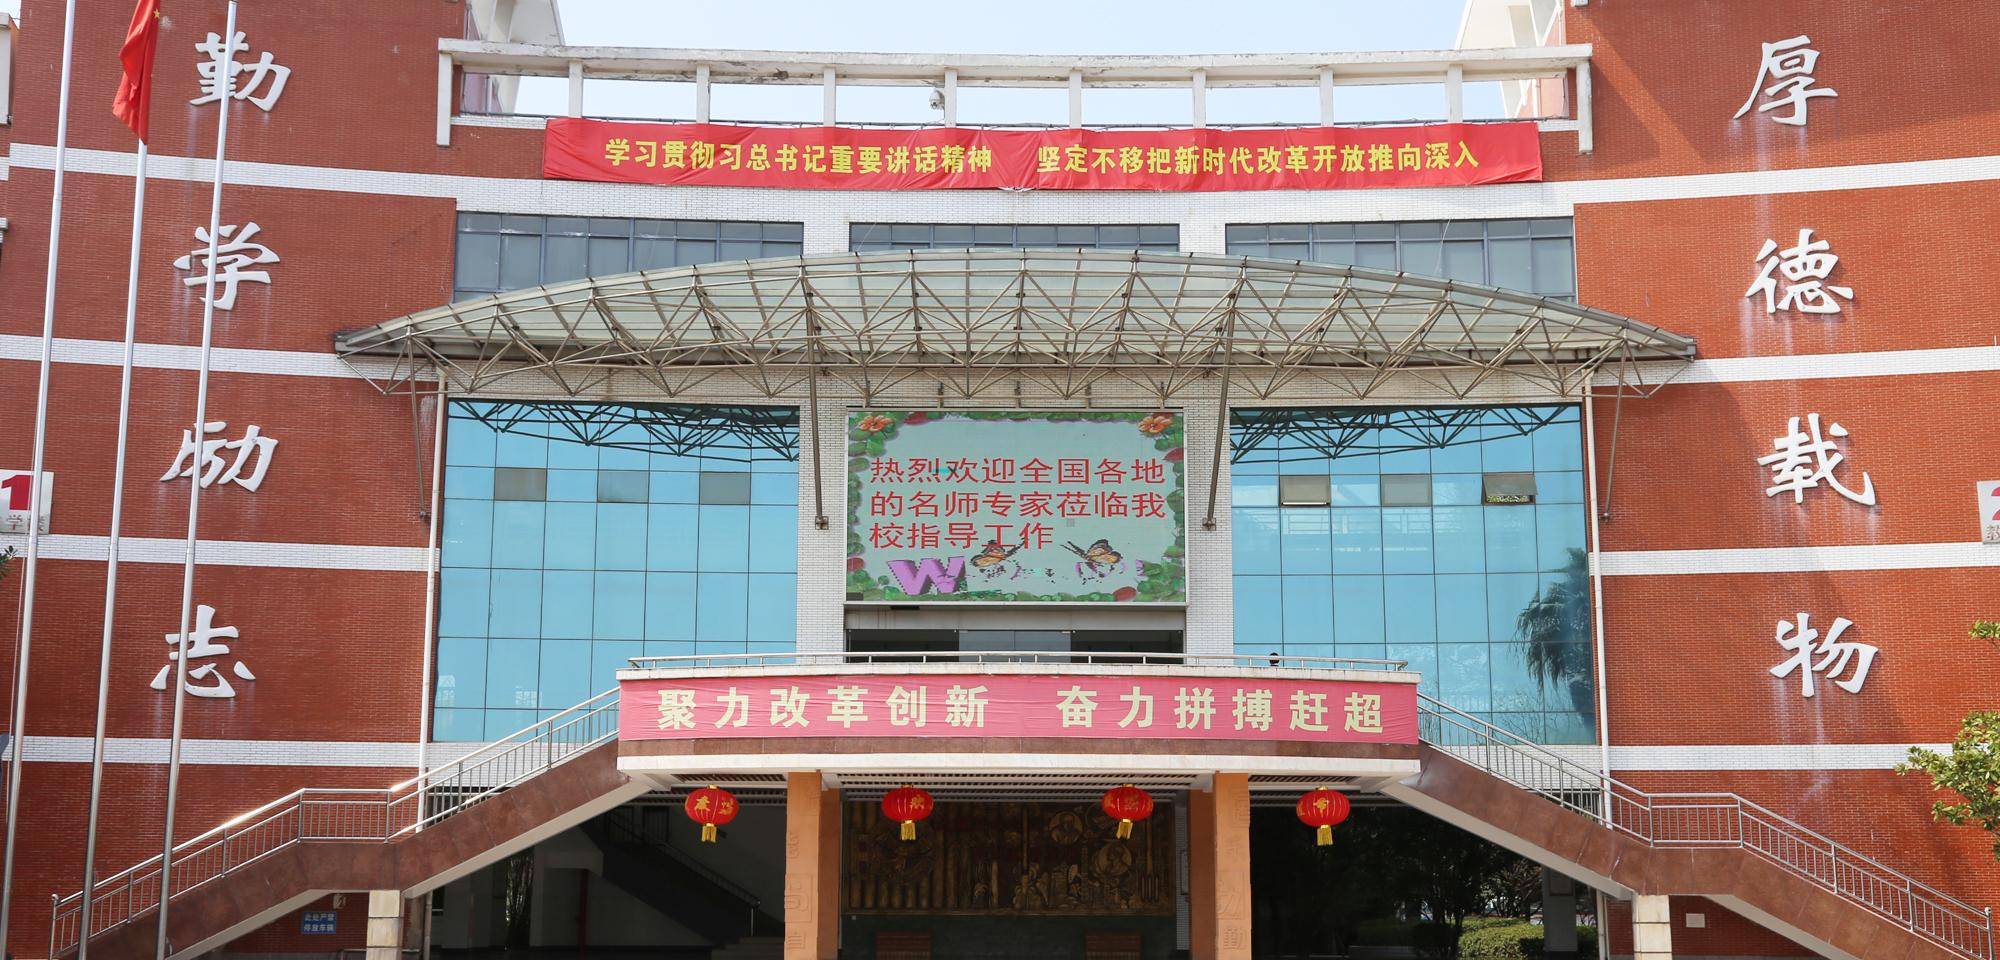 武汉经开区第一初级中学